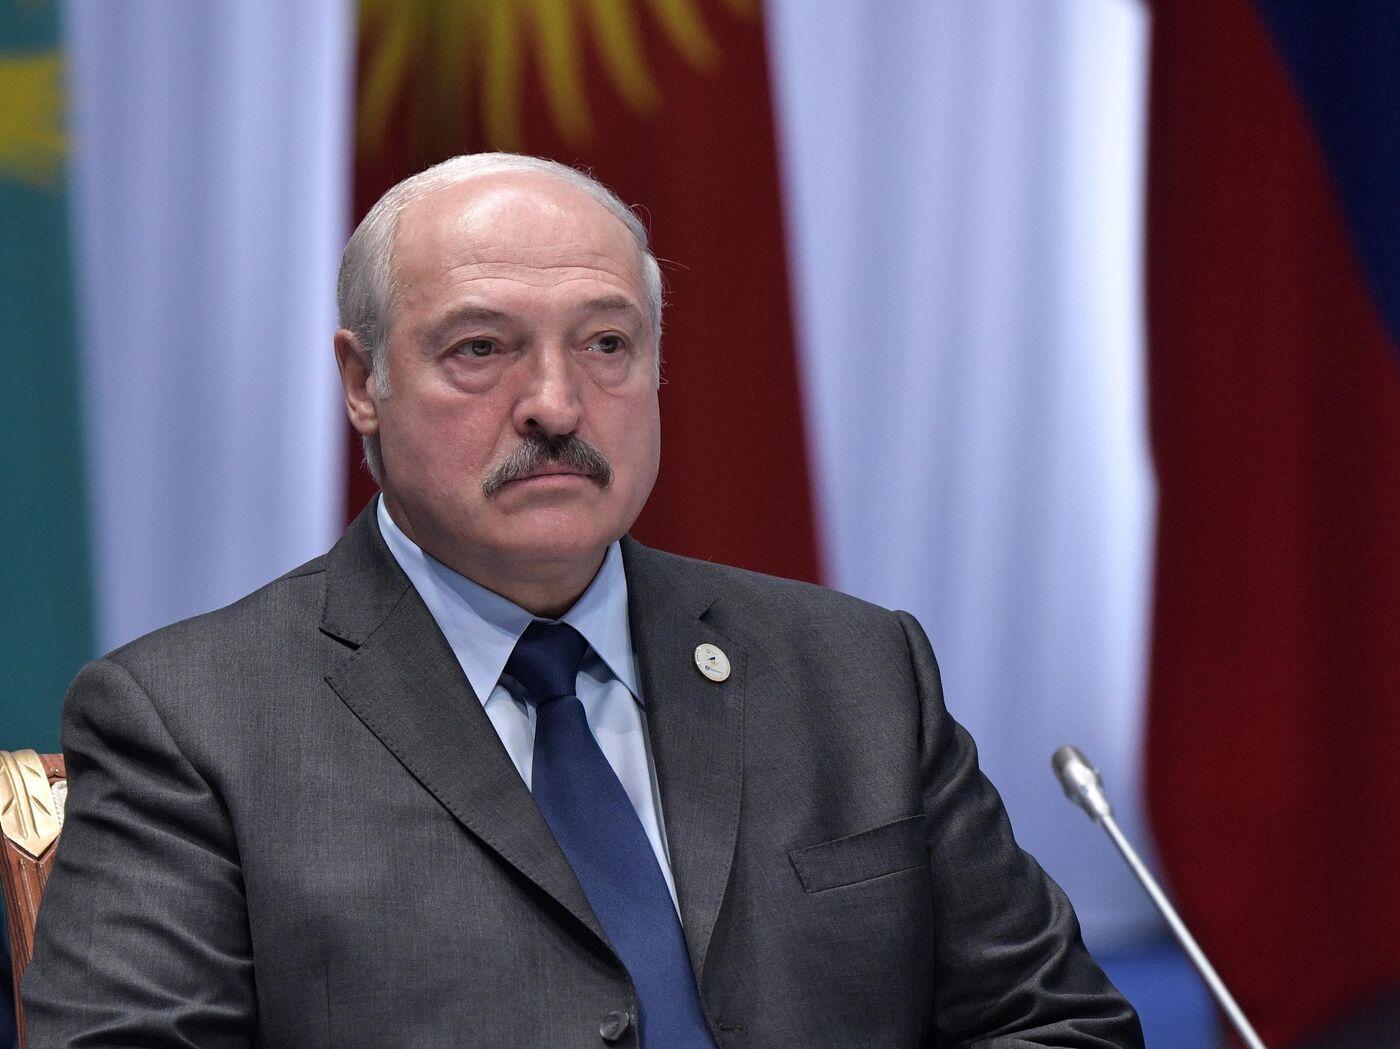 Лукашенко заявил, что готов ввести миротворцев в Донбасс - РИА ...